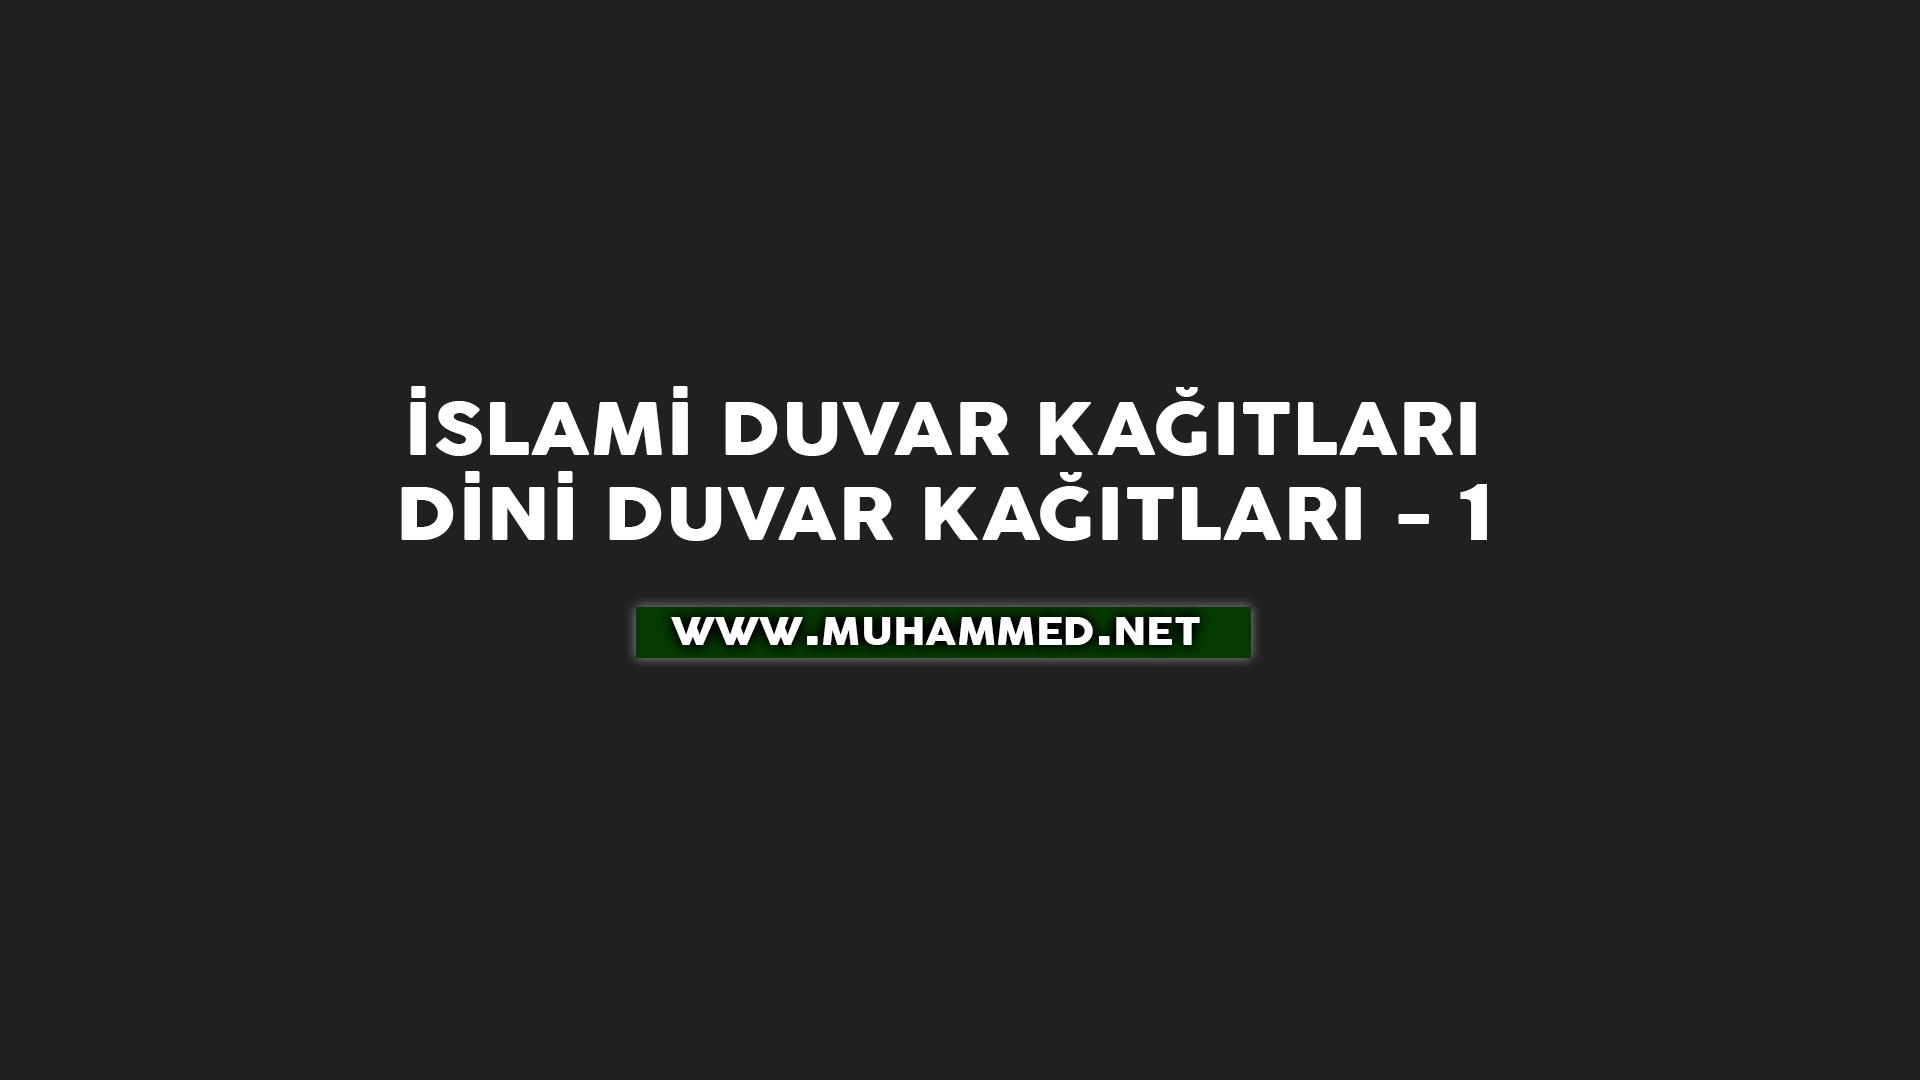 İslami Duvar Kağıtları, Dini Duvar Kağıtları, Arka planlar - 1